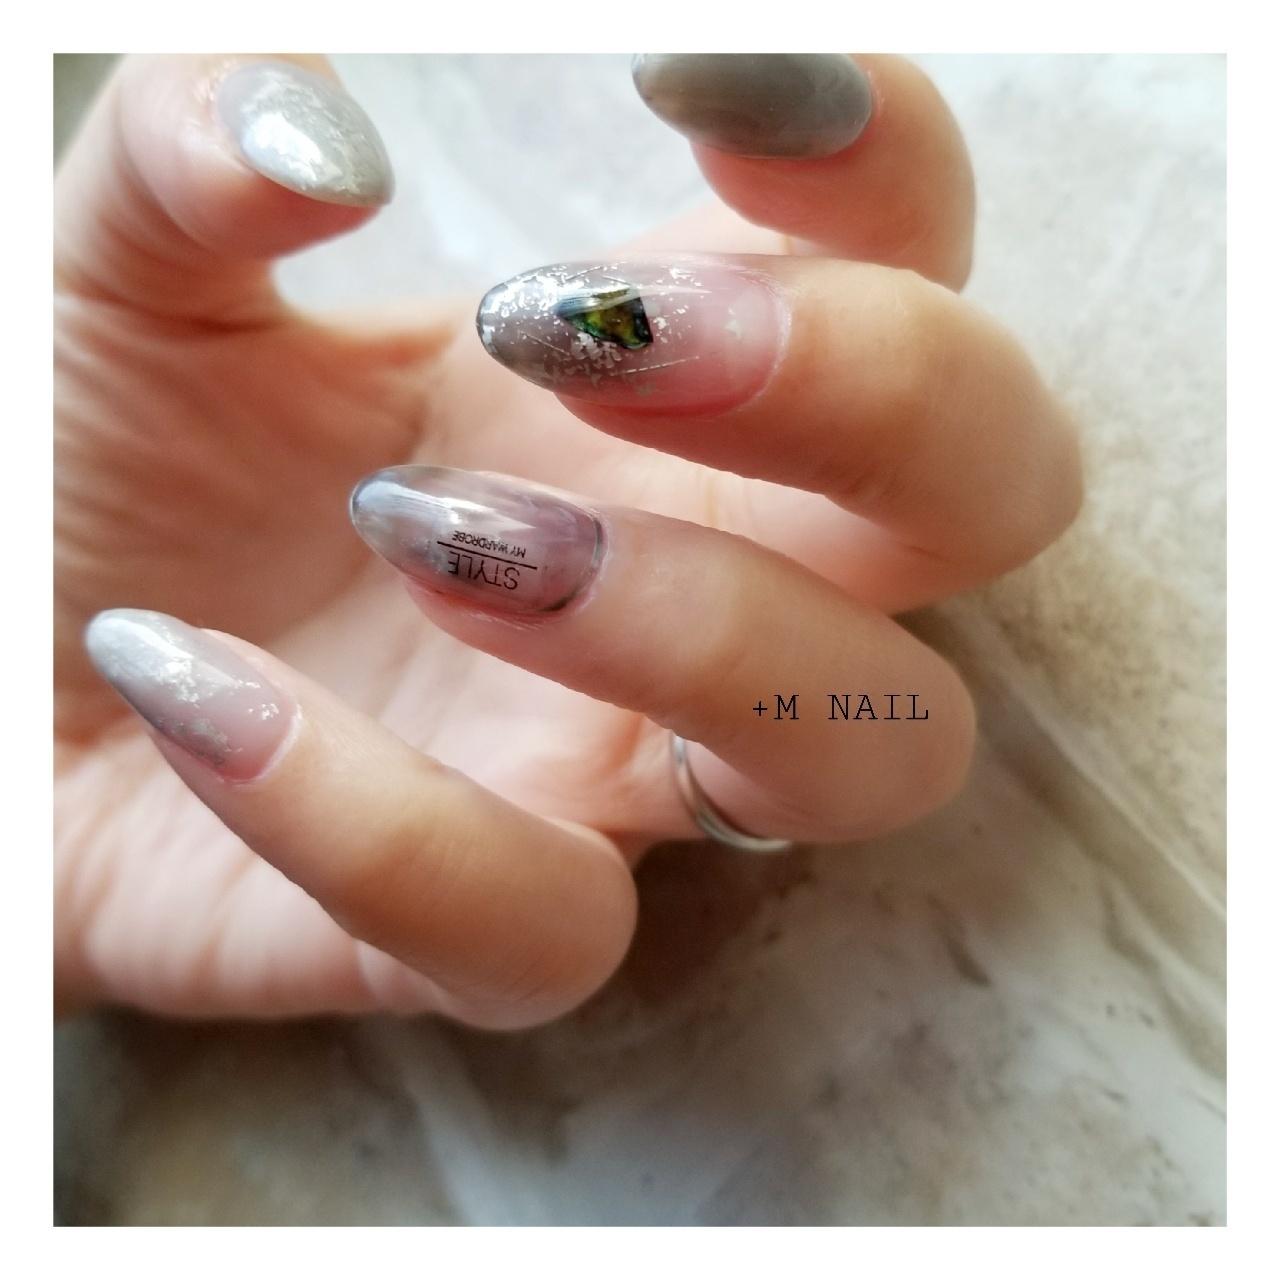 #nails #ジェル #ジェルネイル #ネイル #ネイルサロン #ネイルデザイン #ハンド #大人ネイル #大人可愛い #ニュアンスネイル#グレーネイル#シルバーネイル#ホイルアート#シェルネイル#メタリックパール#カジュアルネイル#おしゃれネイル